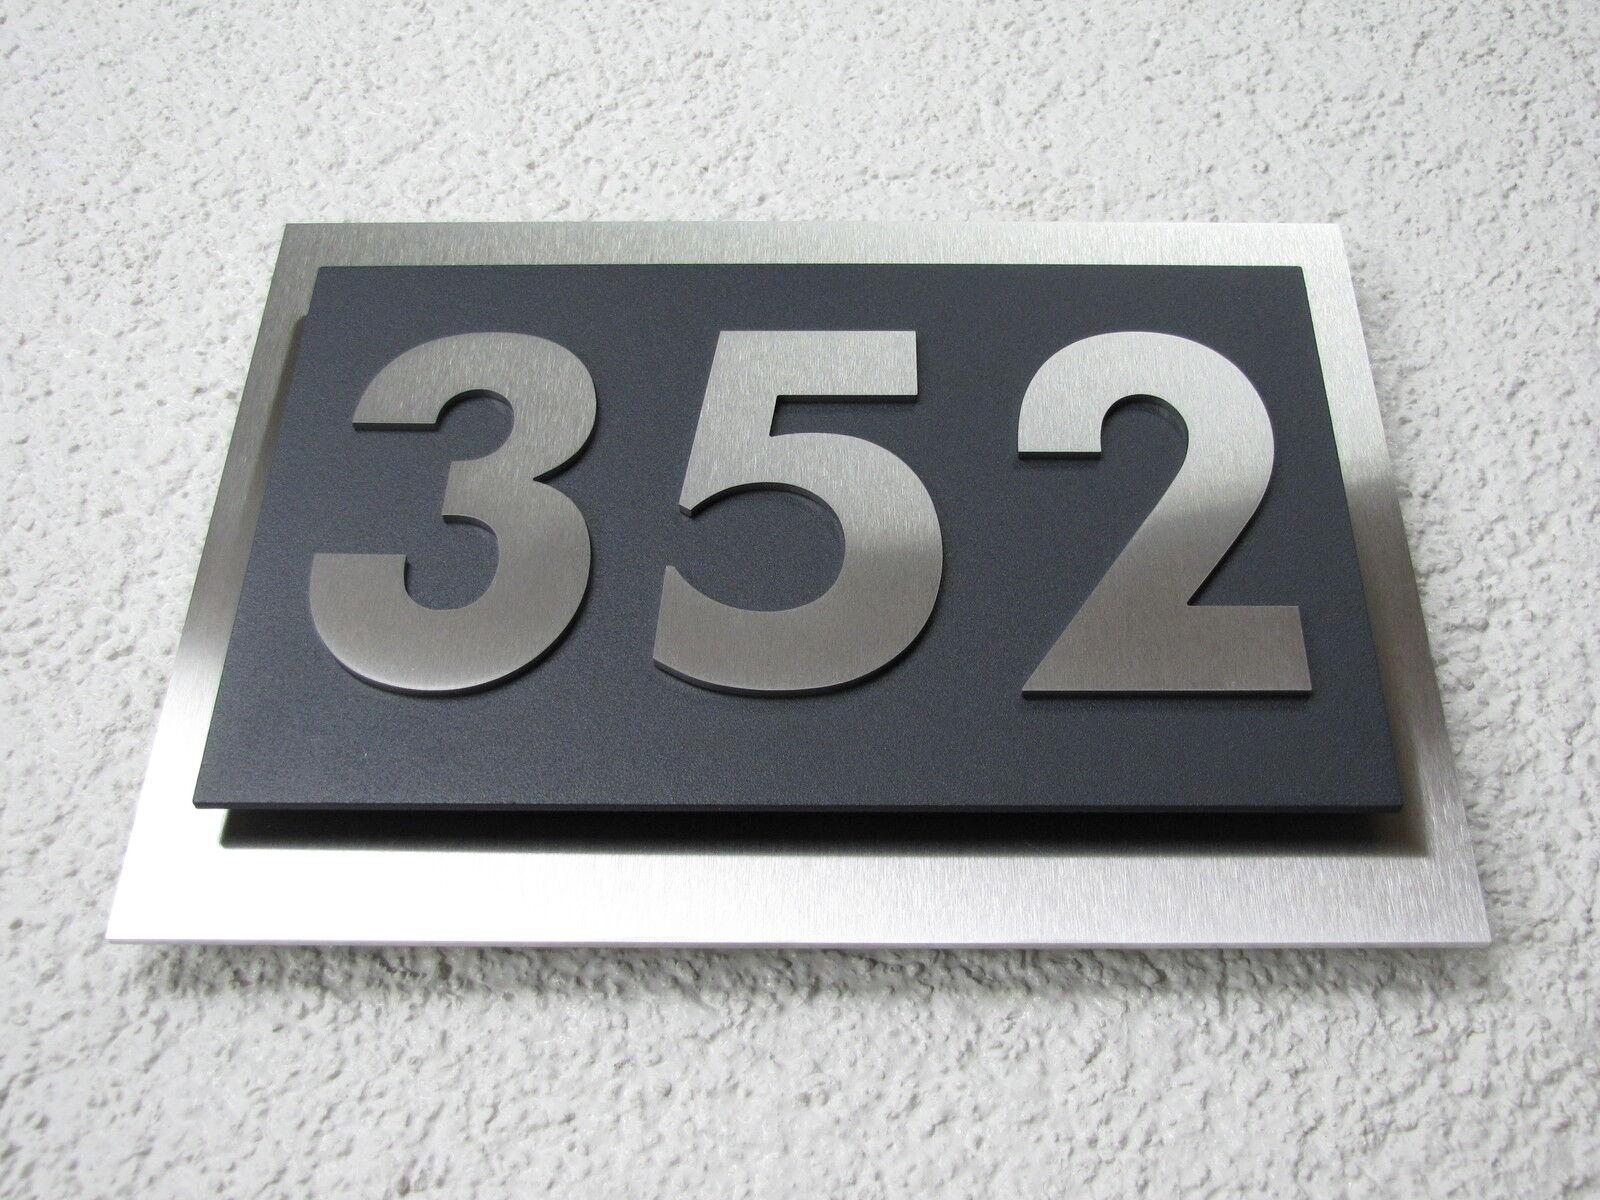 Hausnummer Edelstahl Anthrazit Ral 7016 Design Verona 0-9 a-h A-H 3-stellig V2A